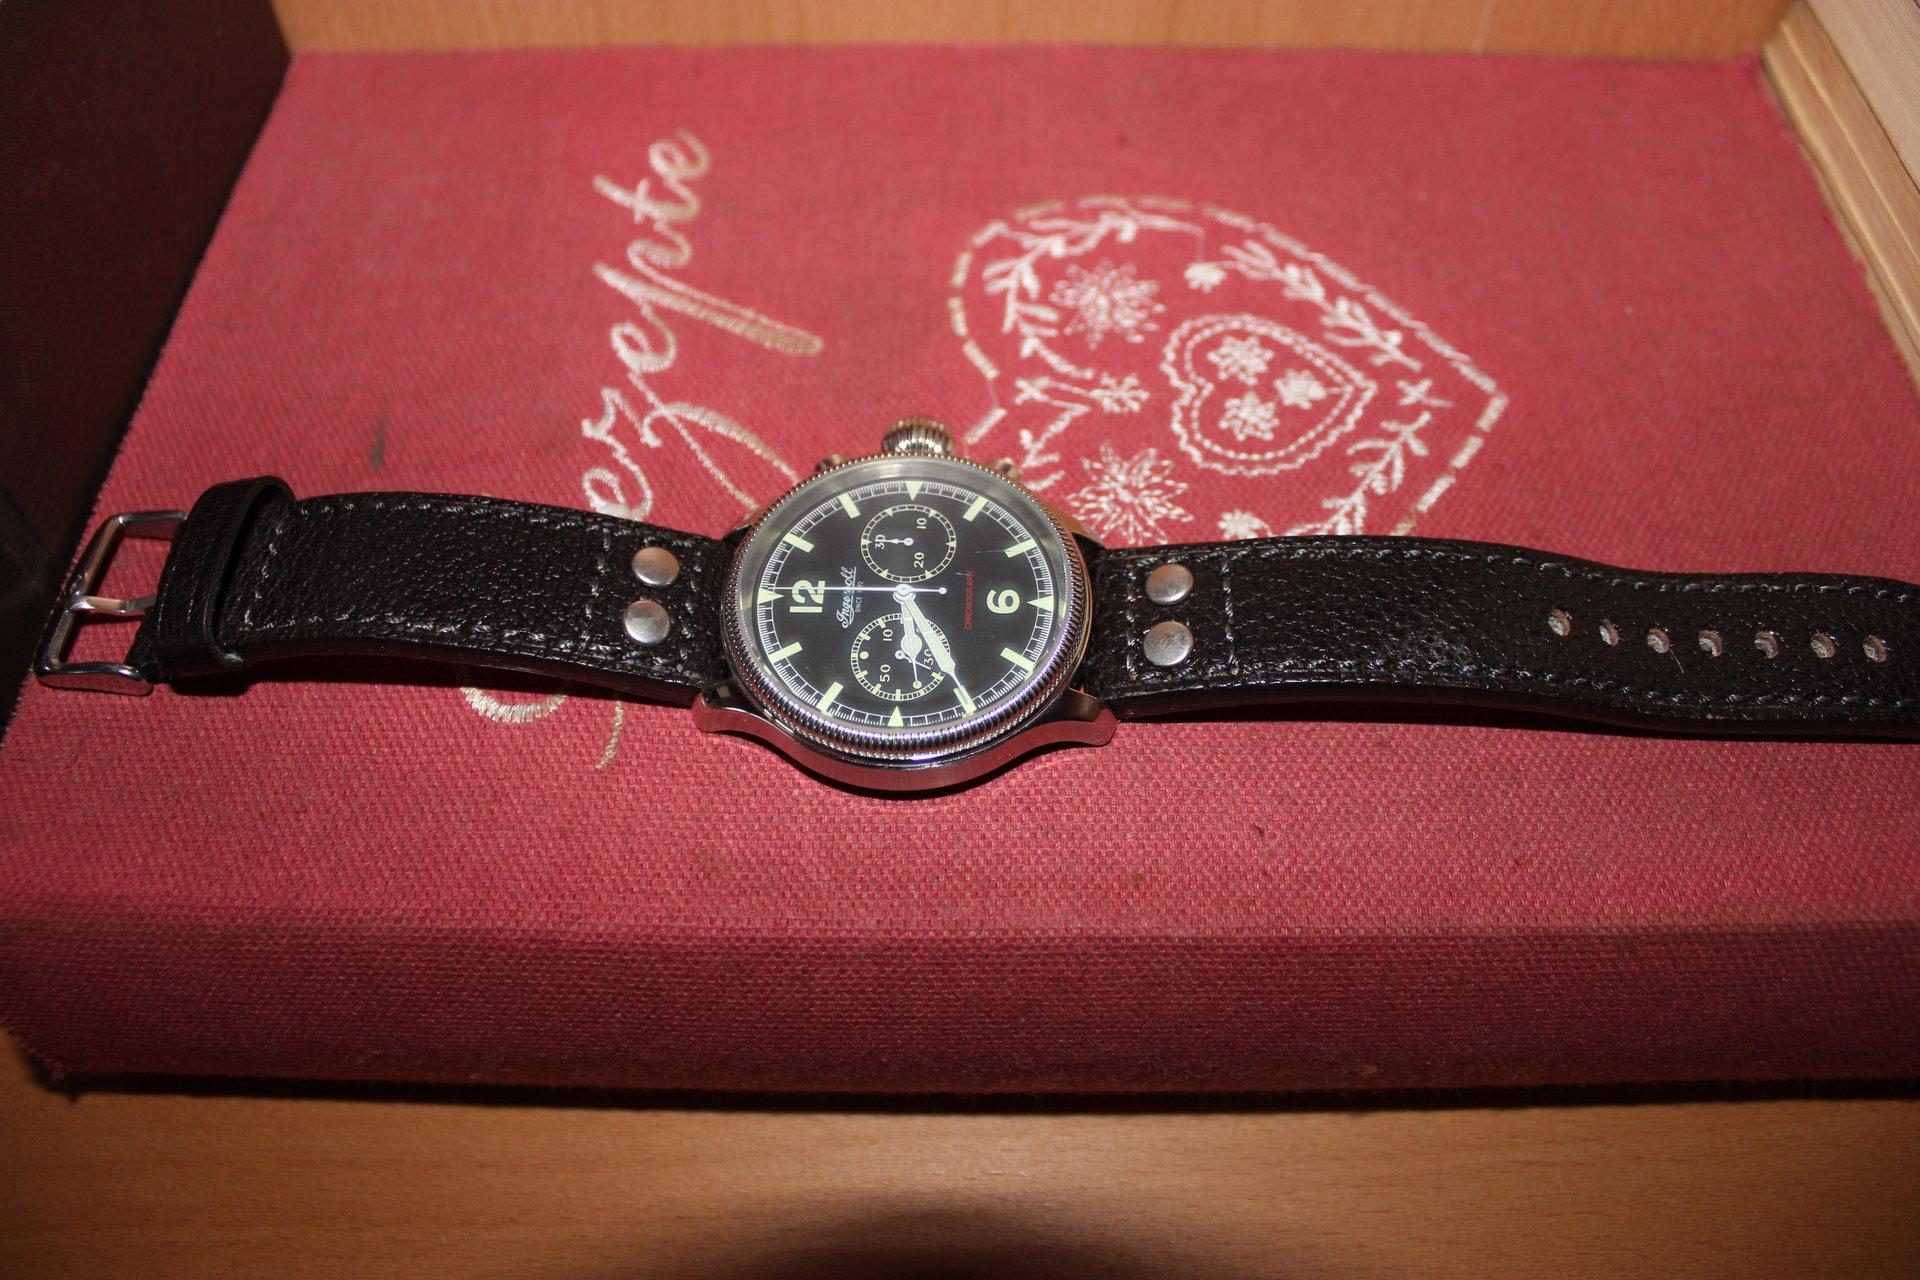 Verkauf] Ingersoll Wells Fargo Chronograph - UhrForum